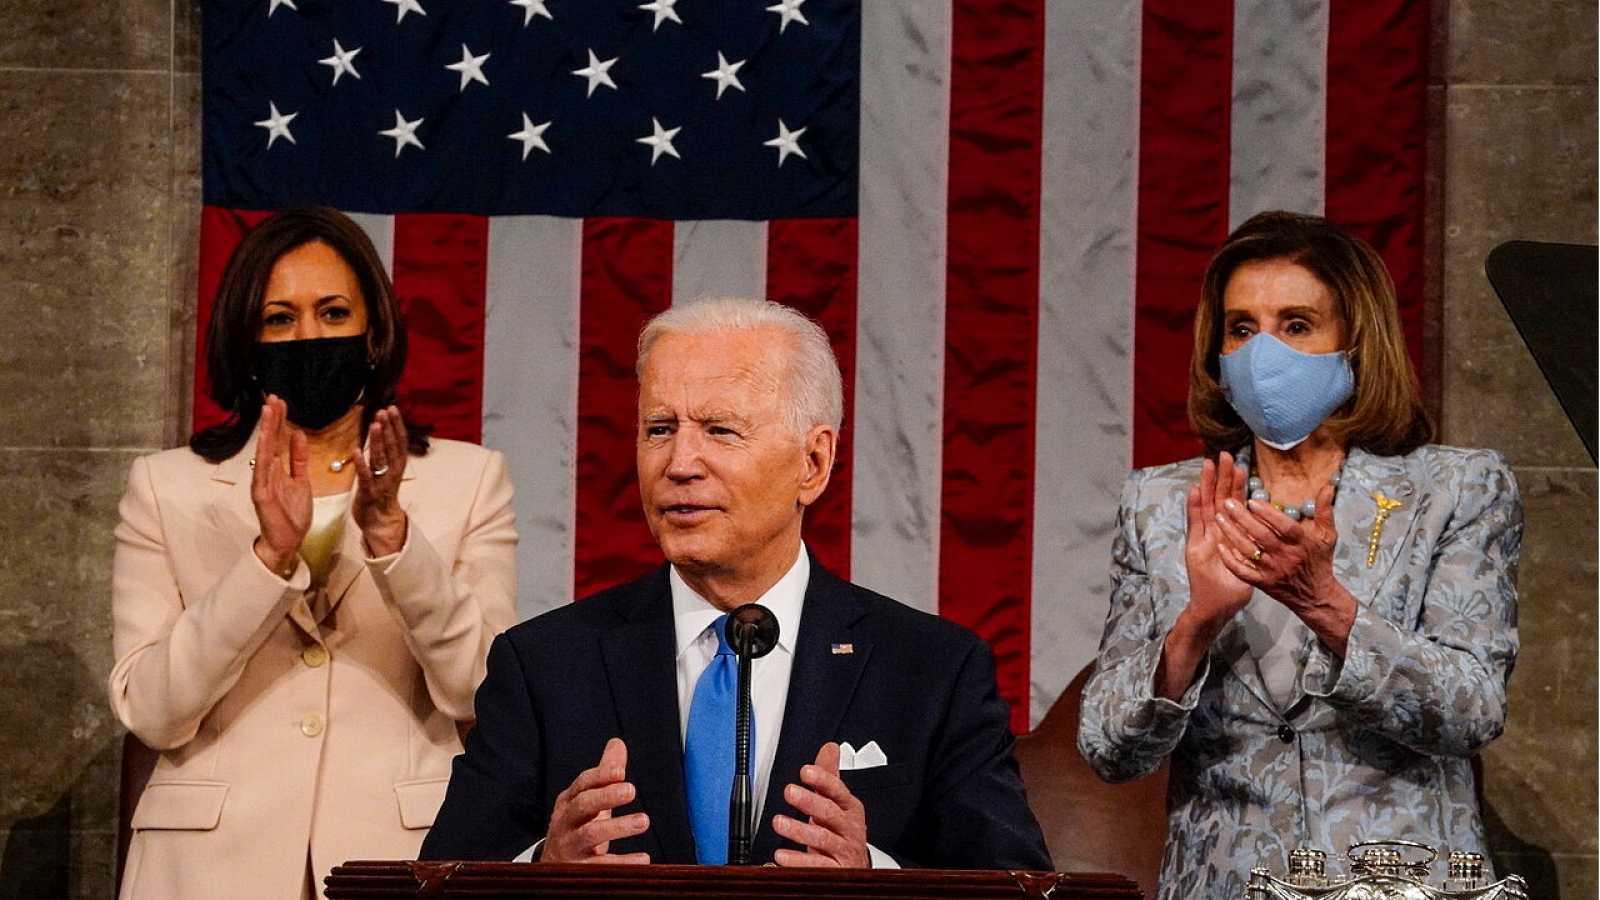 Especial informativo - Discurso de la nación en EEUU del presidente Joe Biden - 29/04/21 - ver ahora